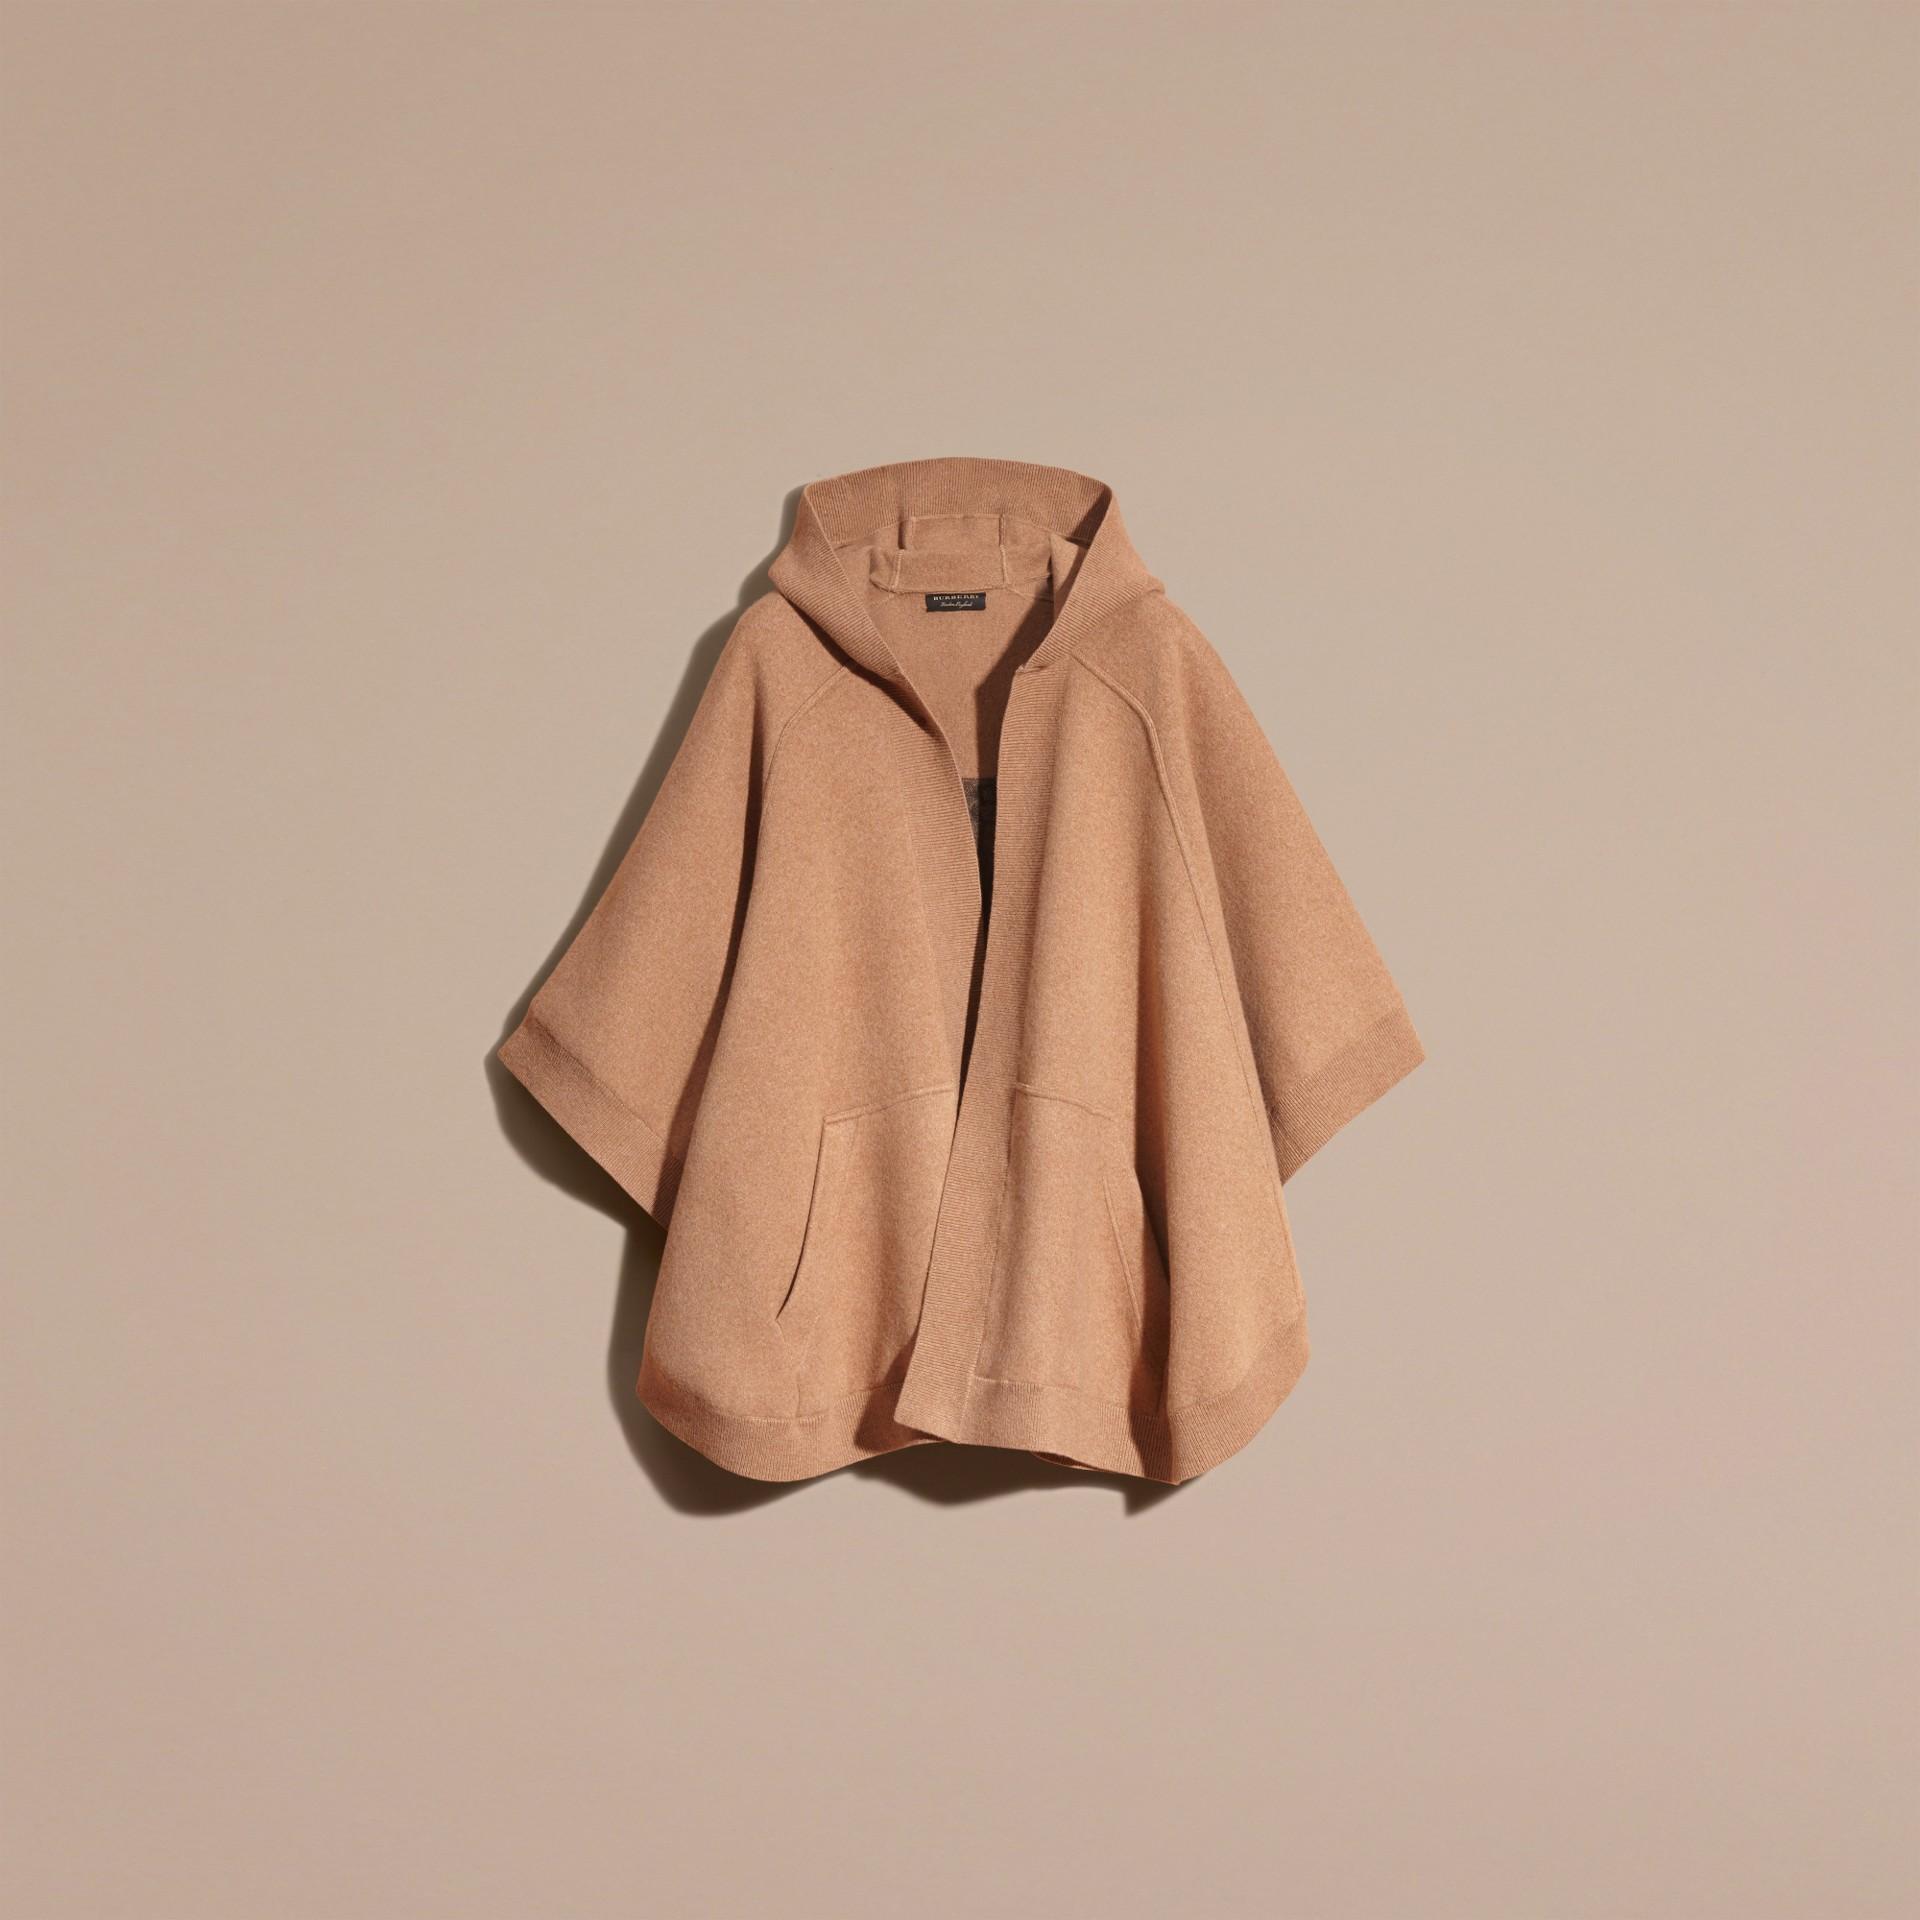 Cammello Poncho con cappuccio in misto lana e cashmere Cammello - immagine della galleria 4